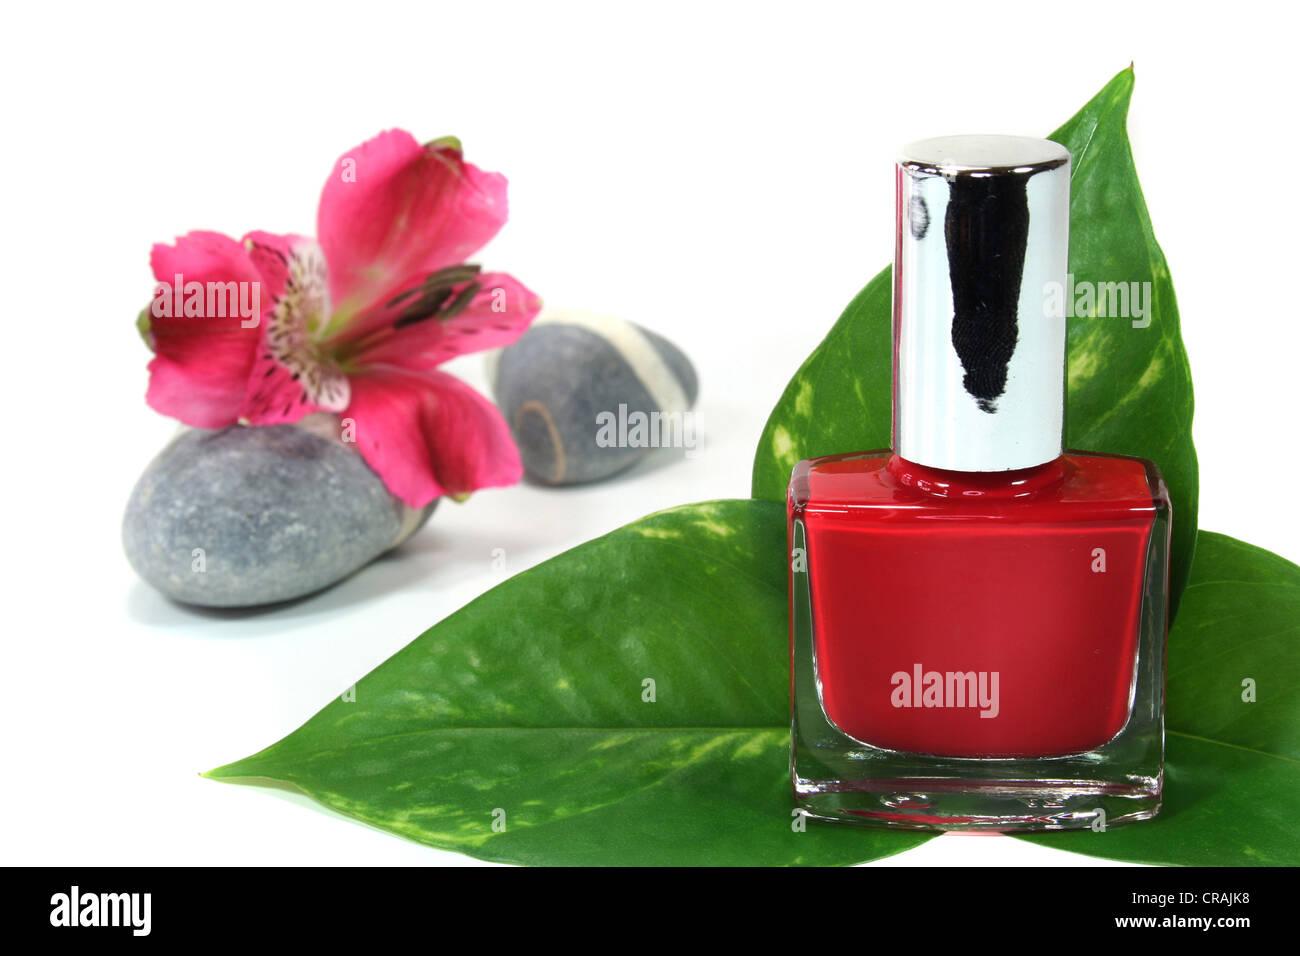 Painted Fingernails Imágenes De Stock & Painted Fingernails Fotos De ...